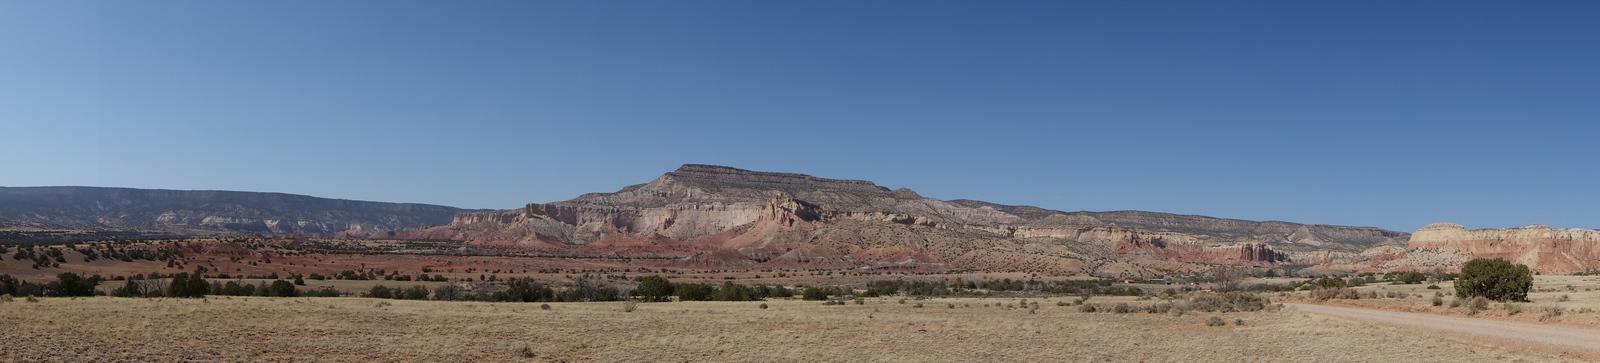 Ghost Ranch Abiquiu, NM 2013-04